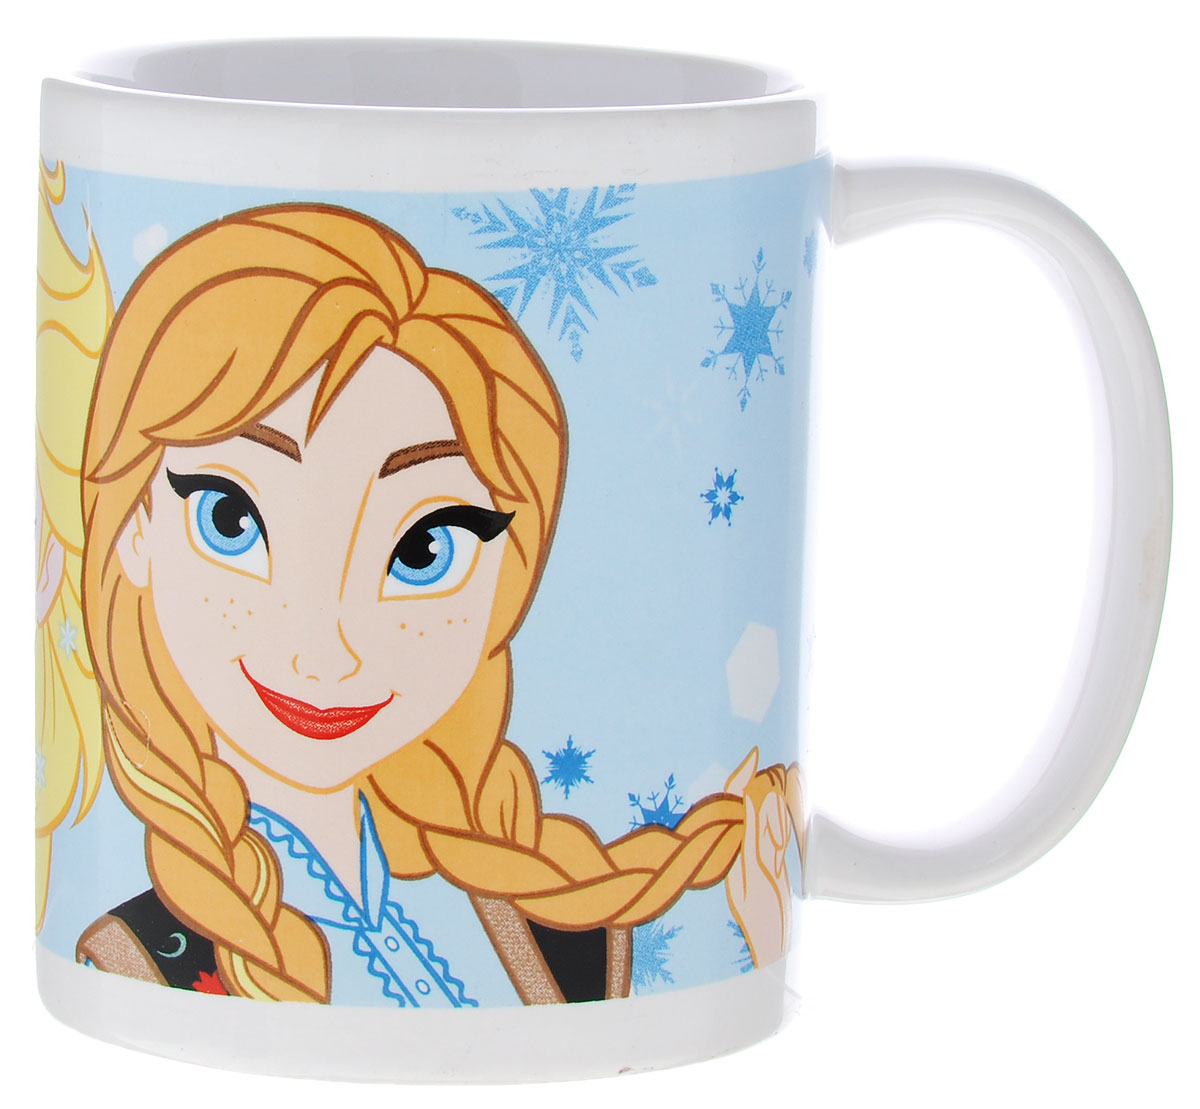 Stor Кружка детская Принцессы Анна и Эльза 325 мл2220085Детская кружка Stor Принцессы Анна и Эльза из серии Stor Disney Frozen с любимыми героинями станет отличным подарком для вашей малышки. Она выполнена из керамики и оформлена изображением принцесс из мультфильма Холодное сердце Анны и Эльзы. Кружка дополнена удобной ручкой. Такой подарок станет не только приятным, но и практичным сувениром: кружка будет незаменимым атрибутом чаепития, а оригинальное оформление кружки добавит ярких эмоций и хорошего настроения.Можно использовать в СВЧ-печи и посудомоечной машине.